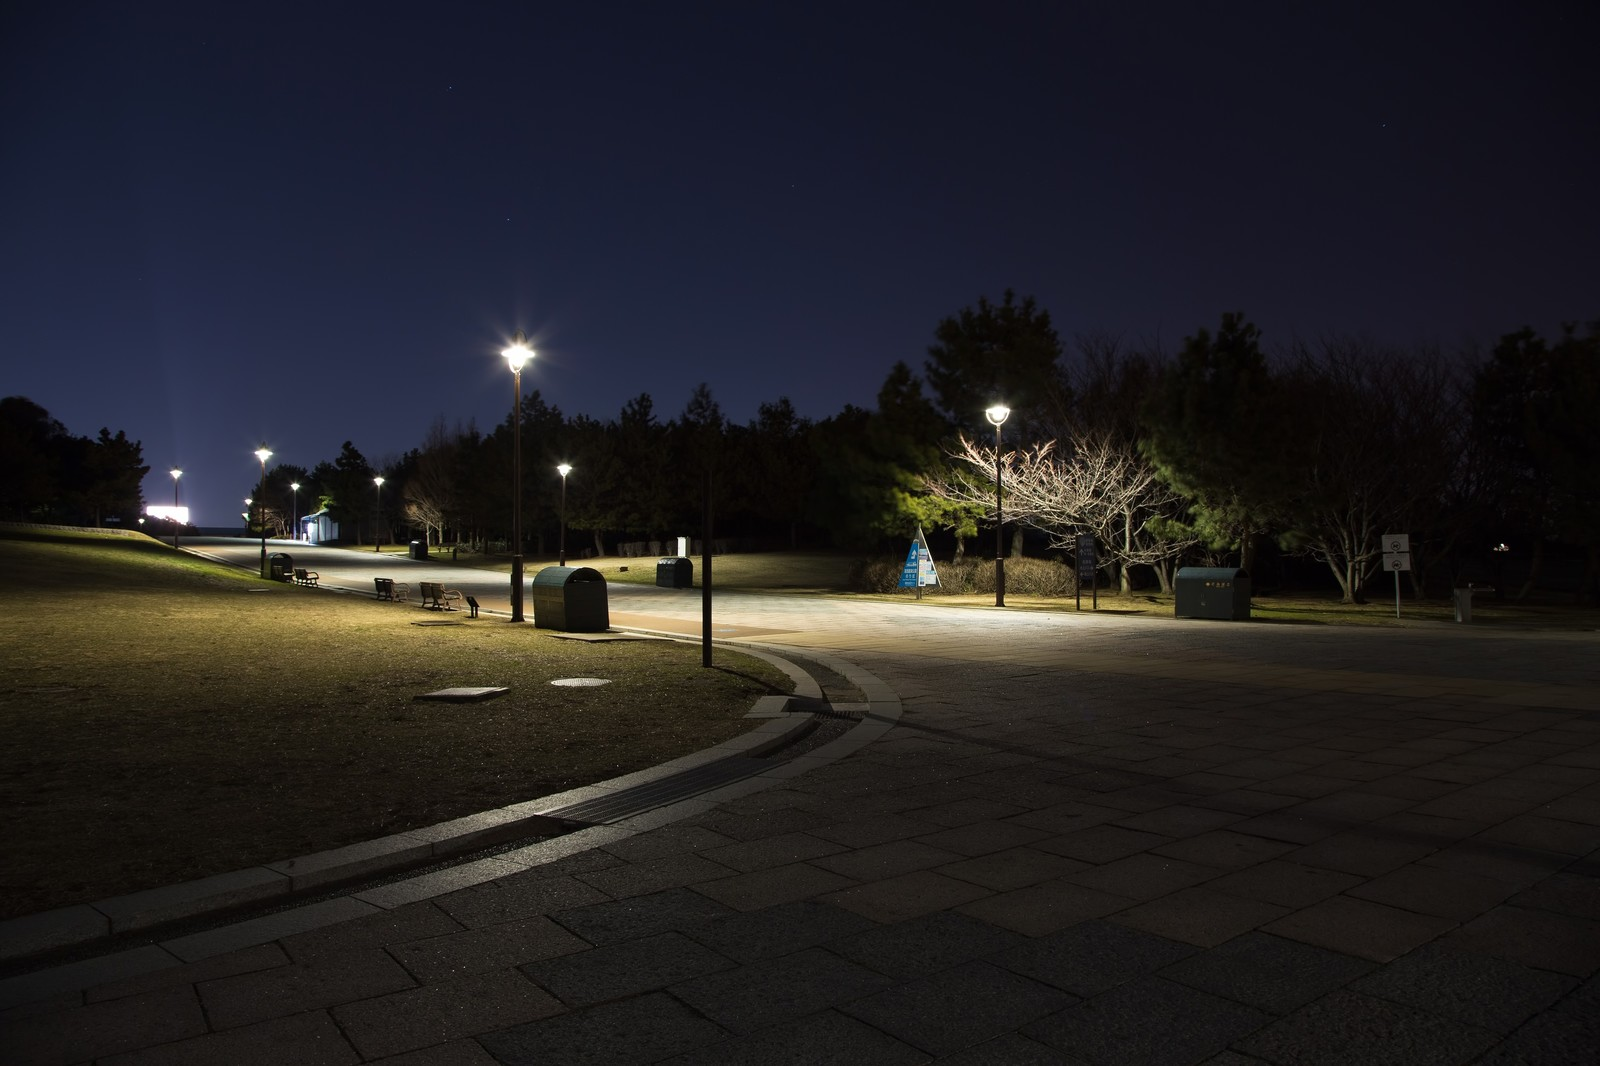 「深夜の葛西臨海公園 | 写真の無料素材・フリー素材 - ぱくたそ」の写真